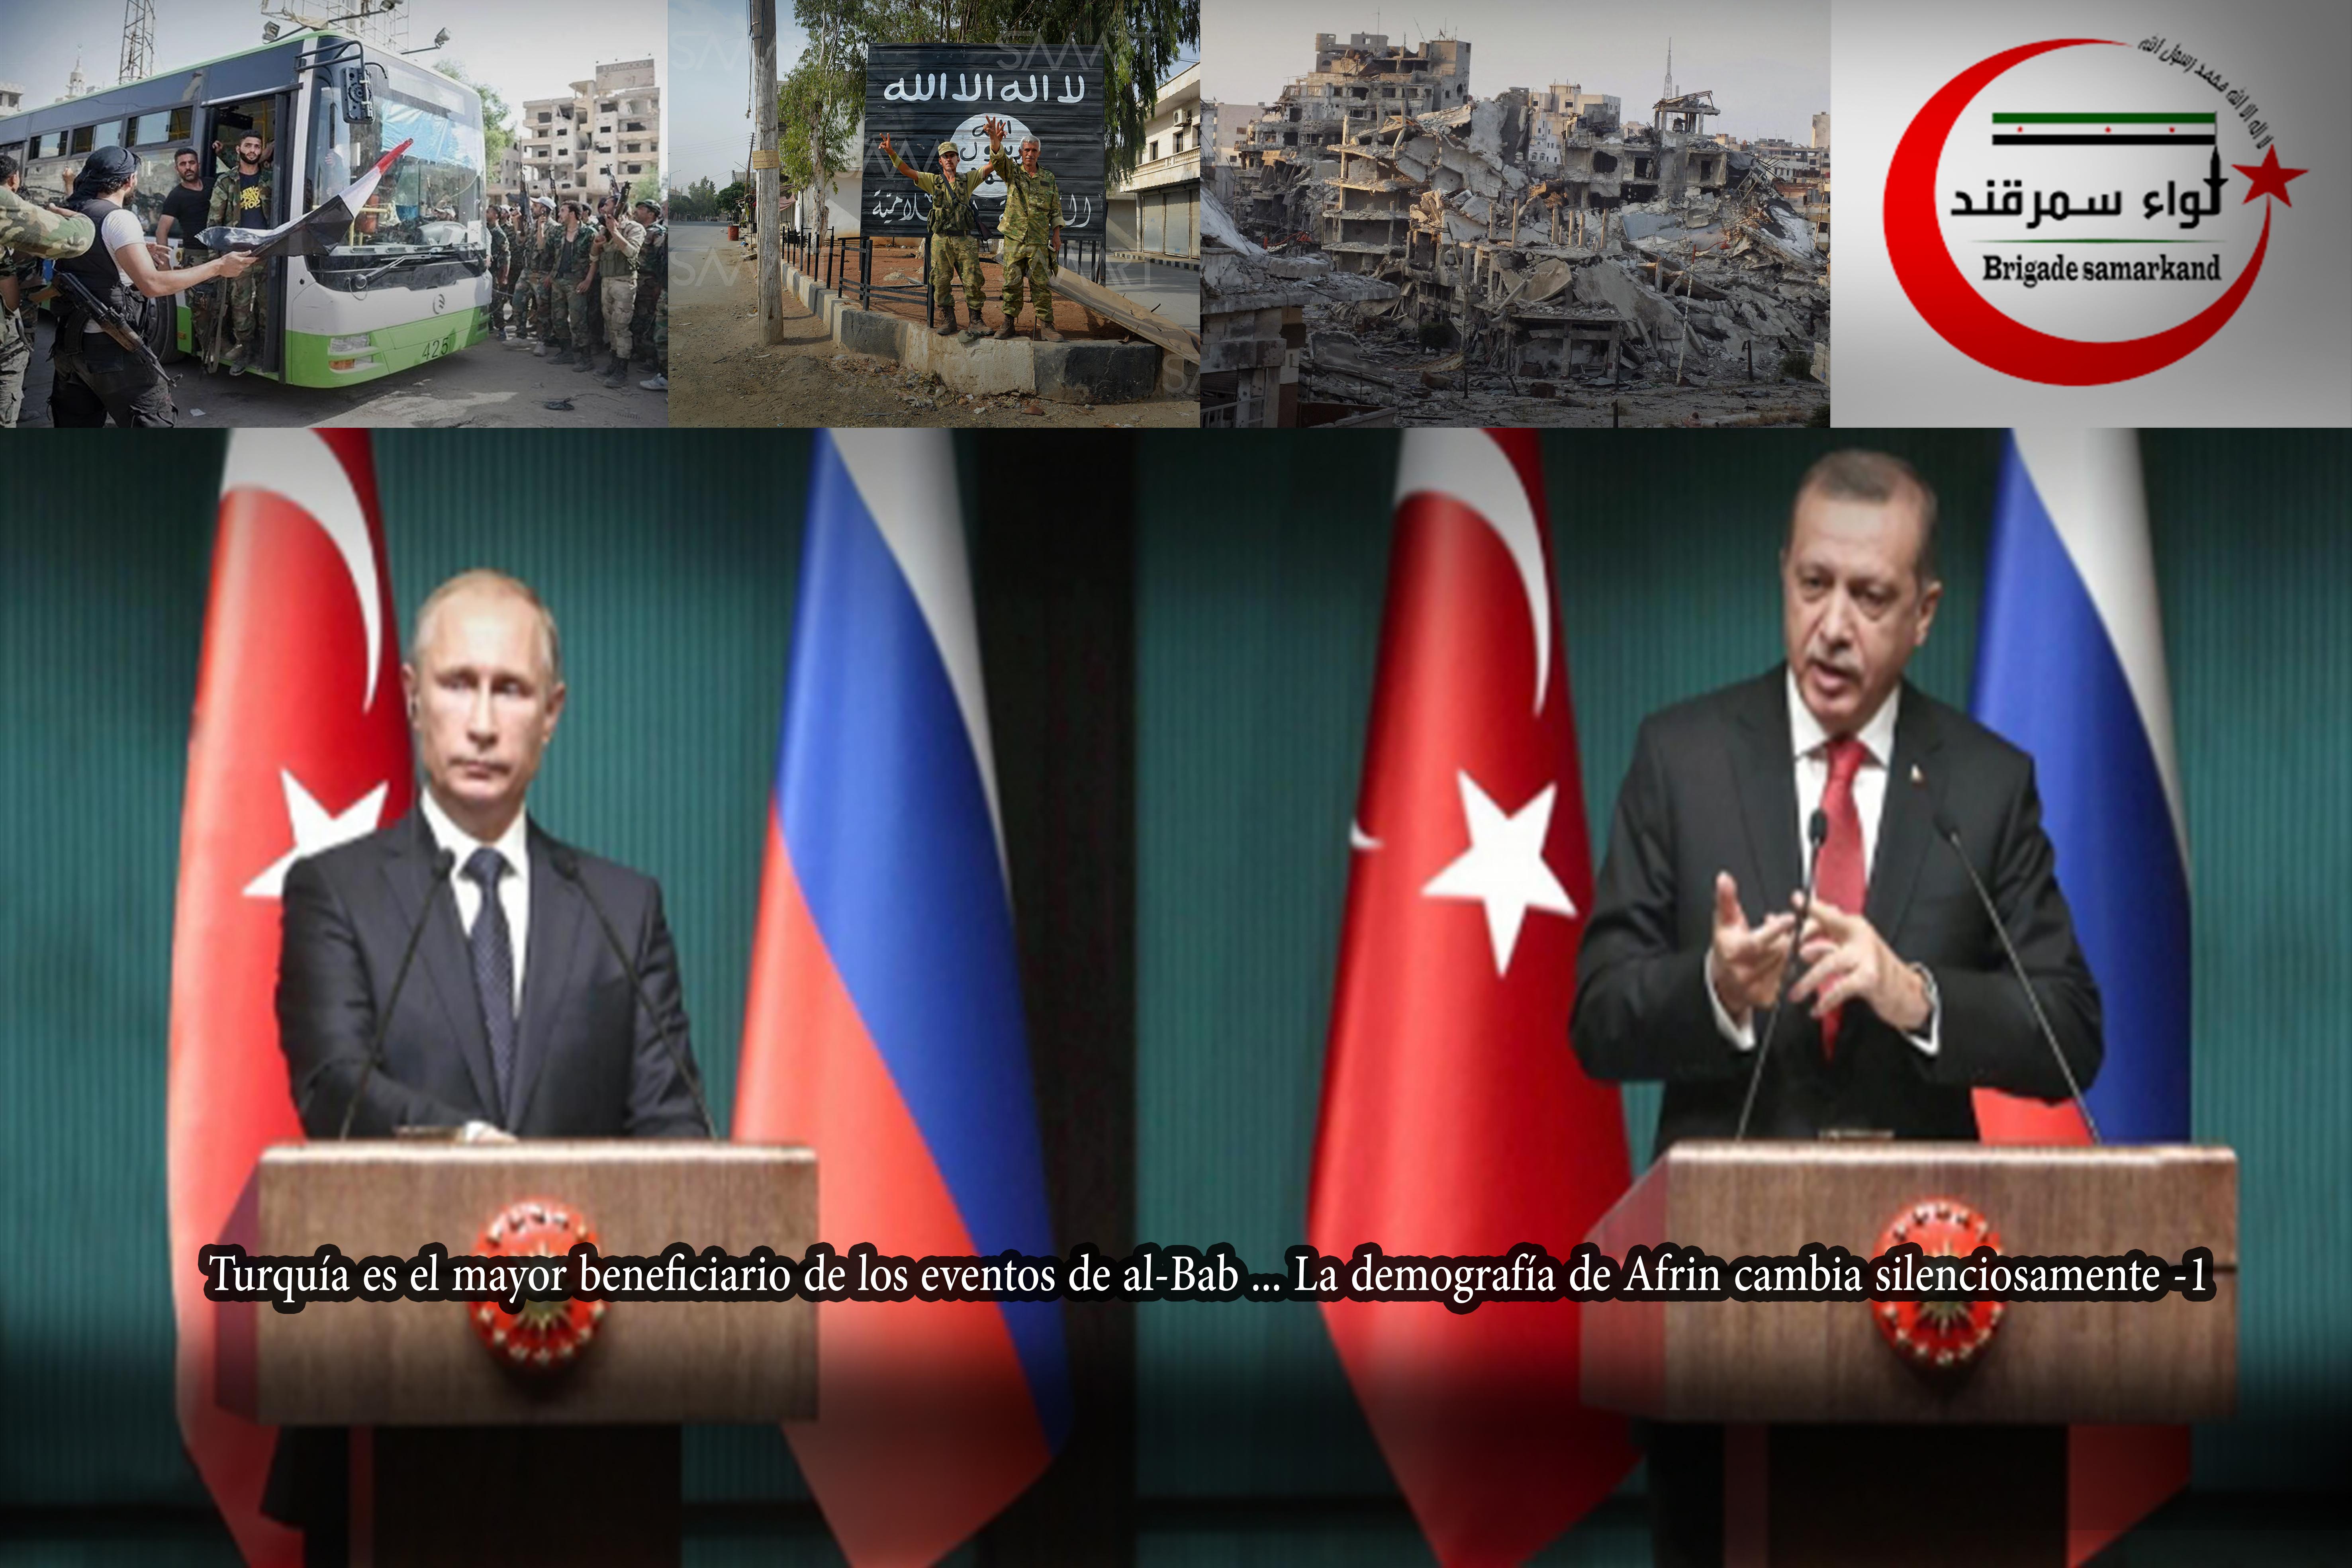 Turquía es el mayor beneficiario de los eventos de al-Bab ... La demografía de Afrin cambia silenciosamente -1